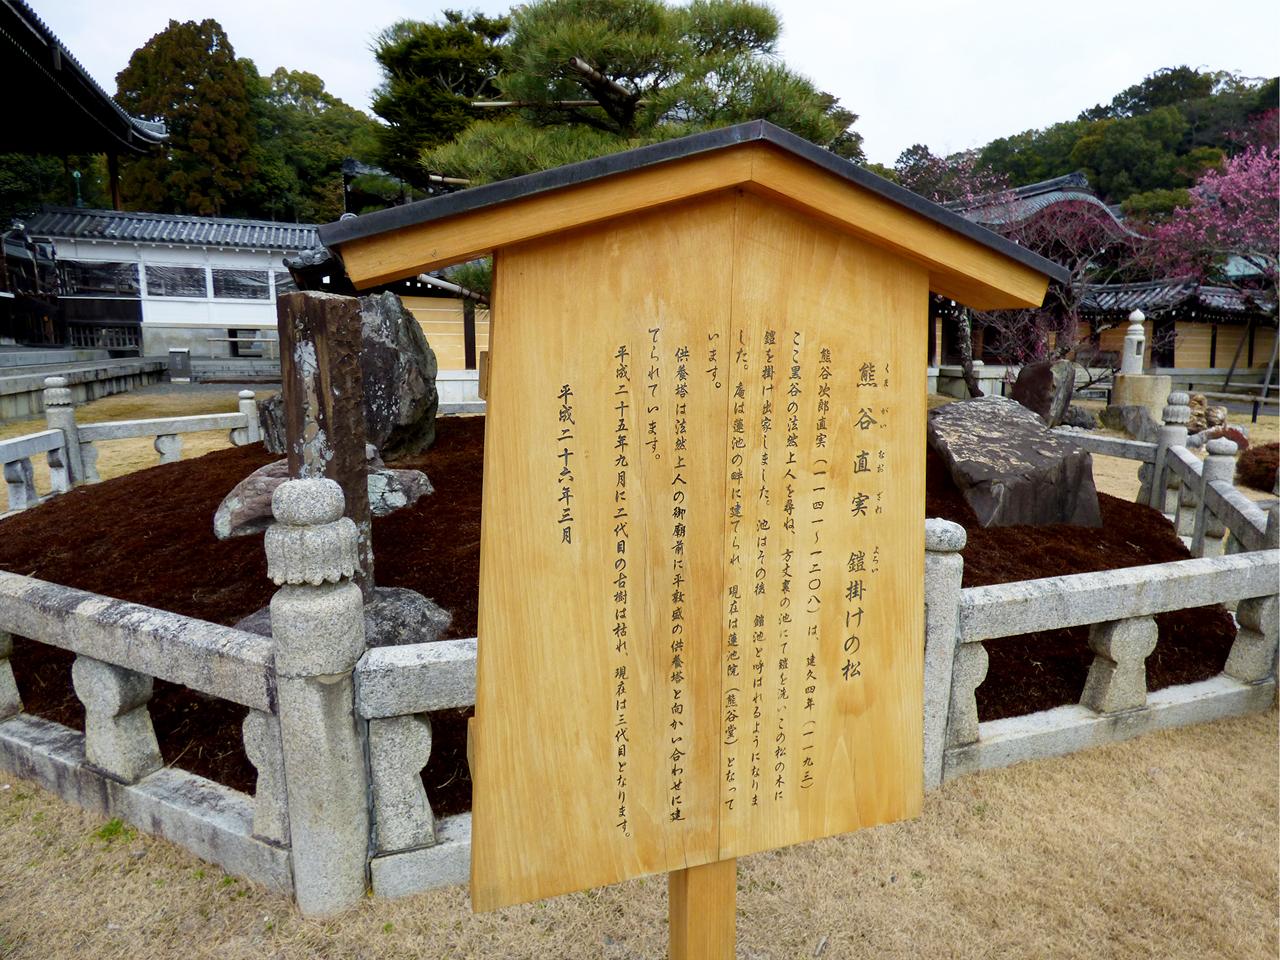 熊谷直実 鎧がけの松の看板